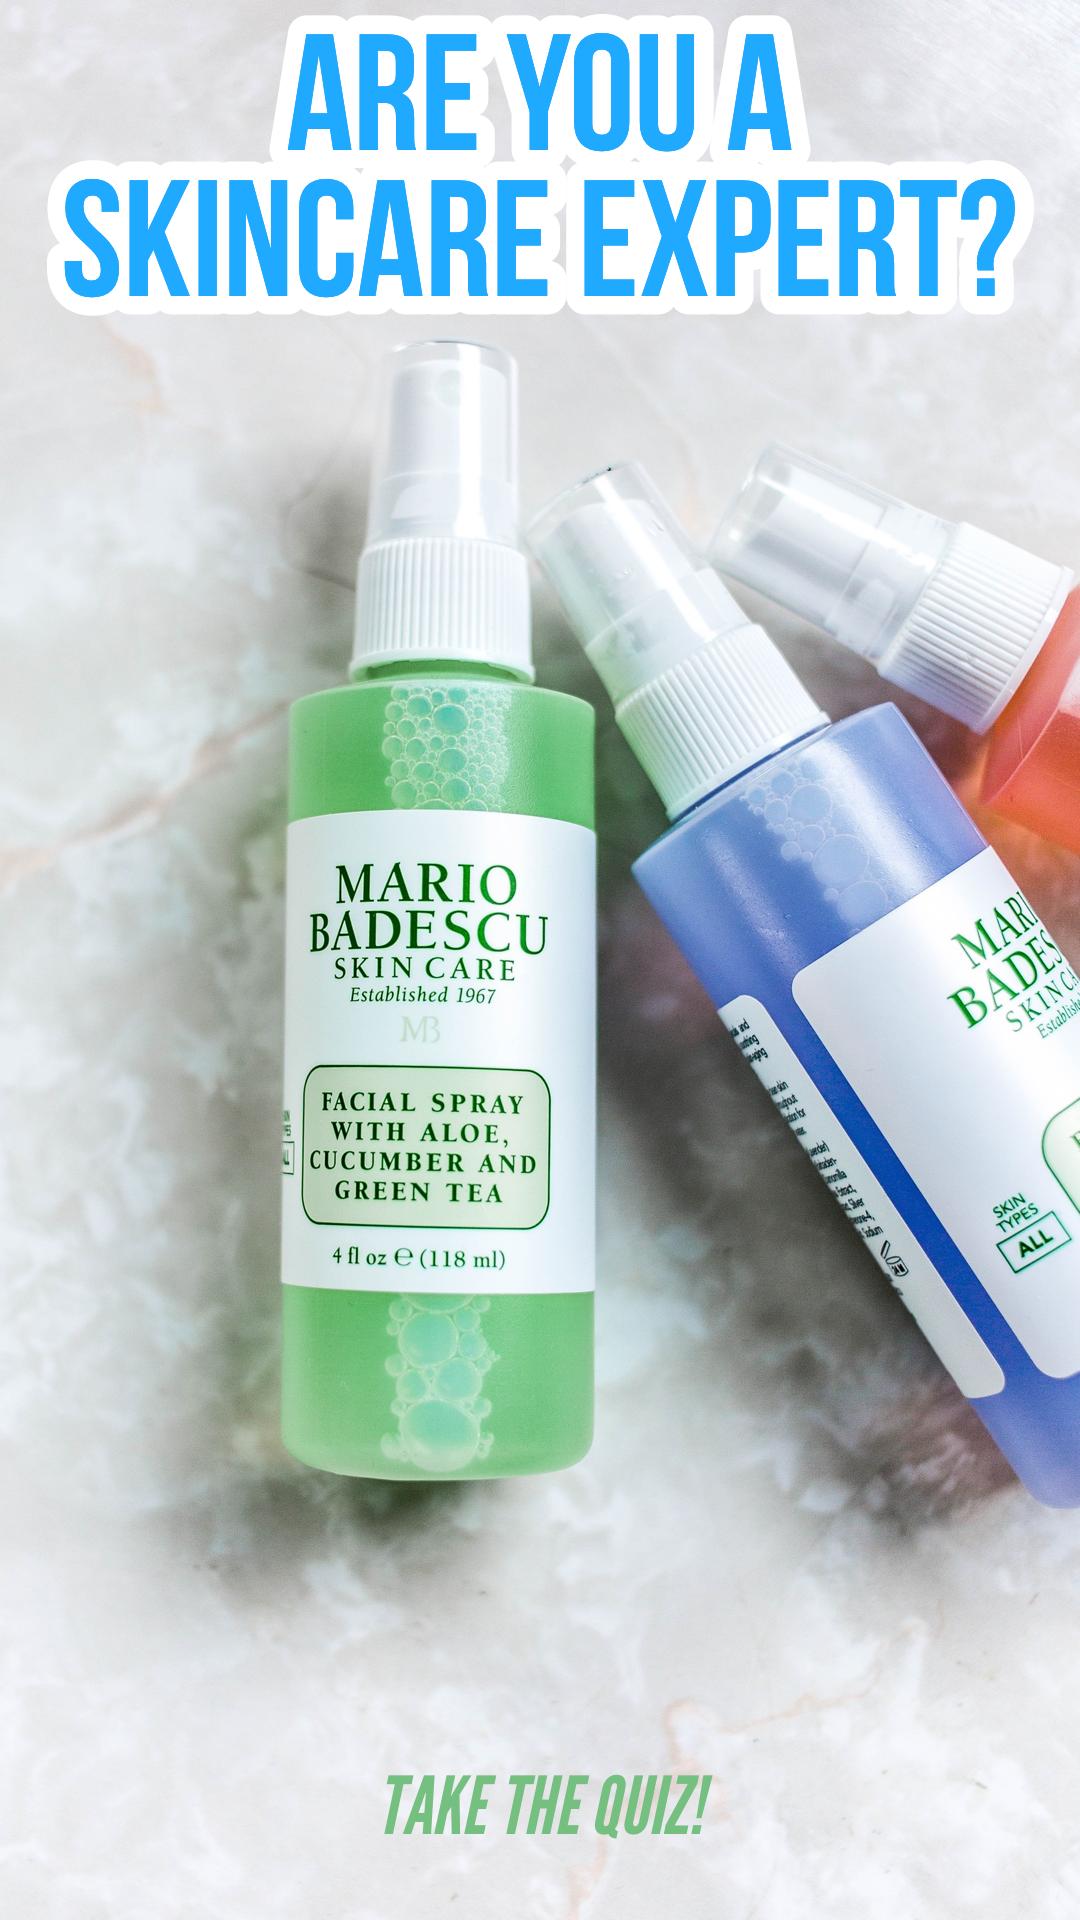 Are You A Skincare Expert In 2020 Skin Care Quiz Skin Care Mario Badescu Skin Care